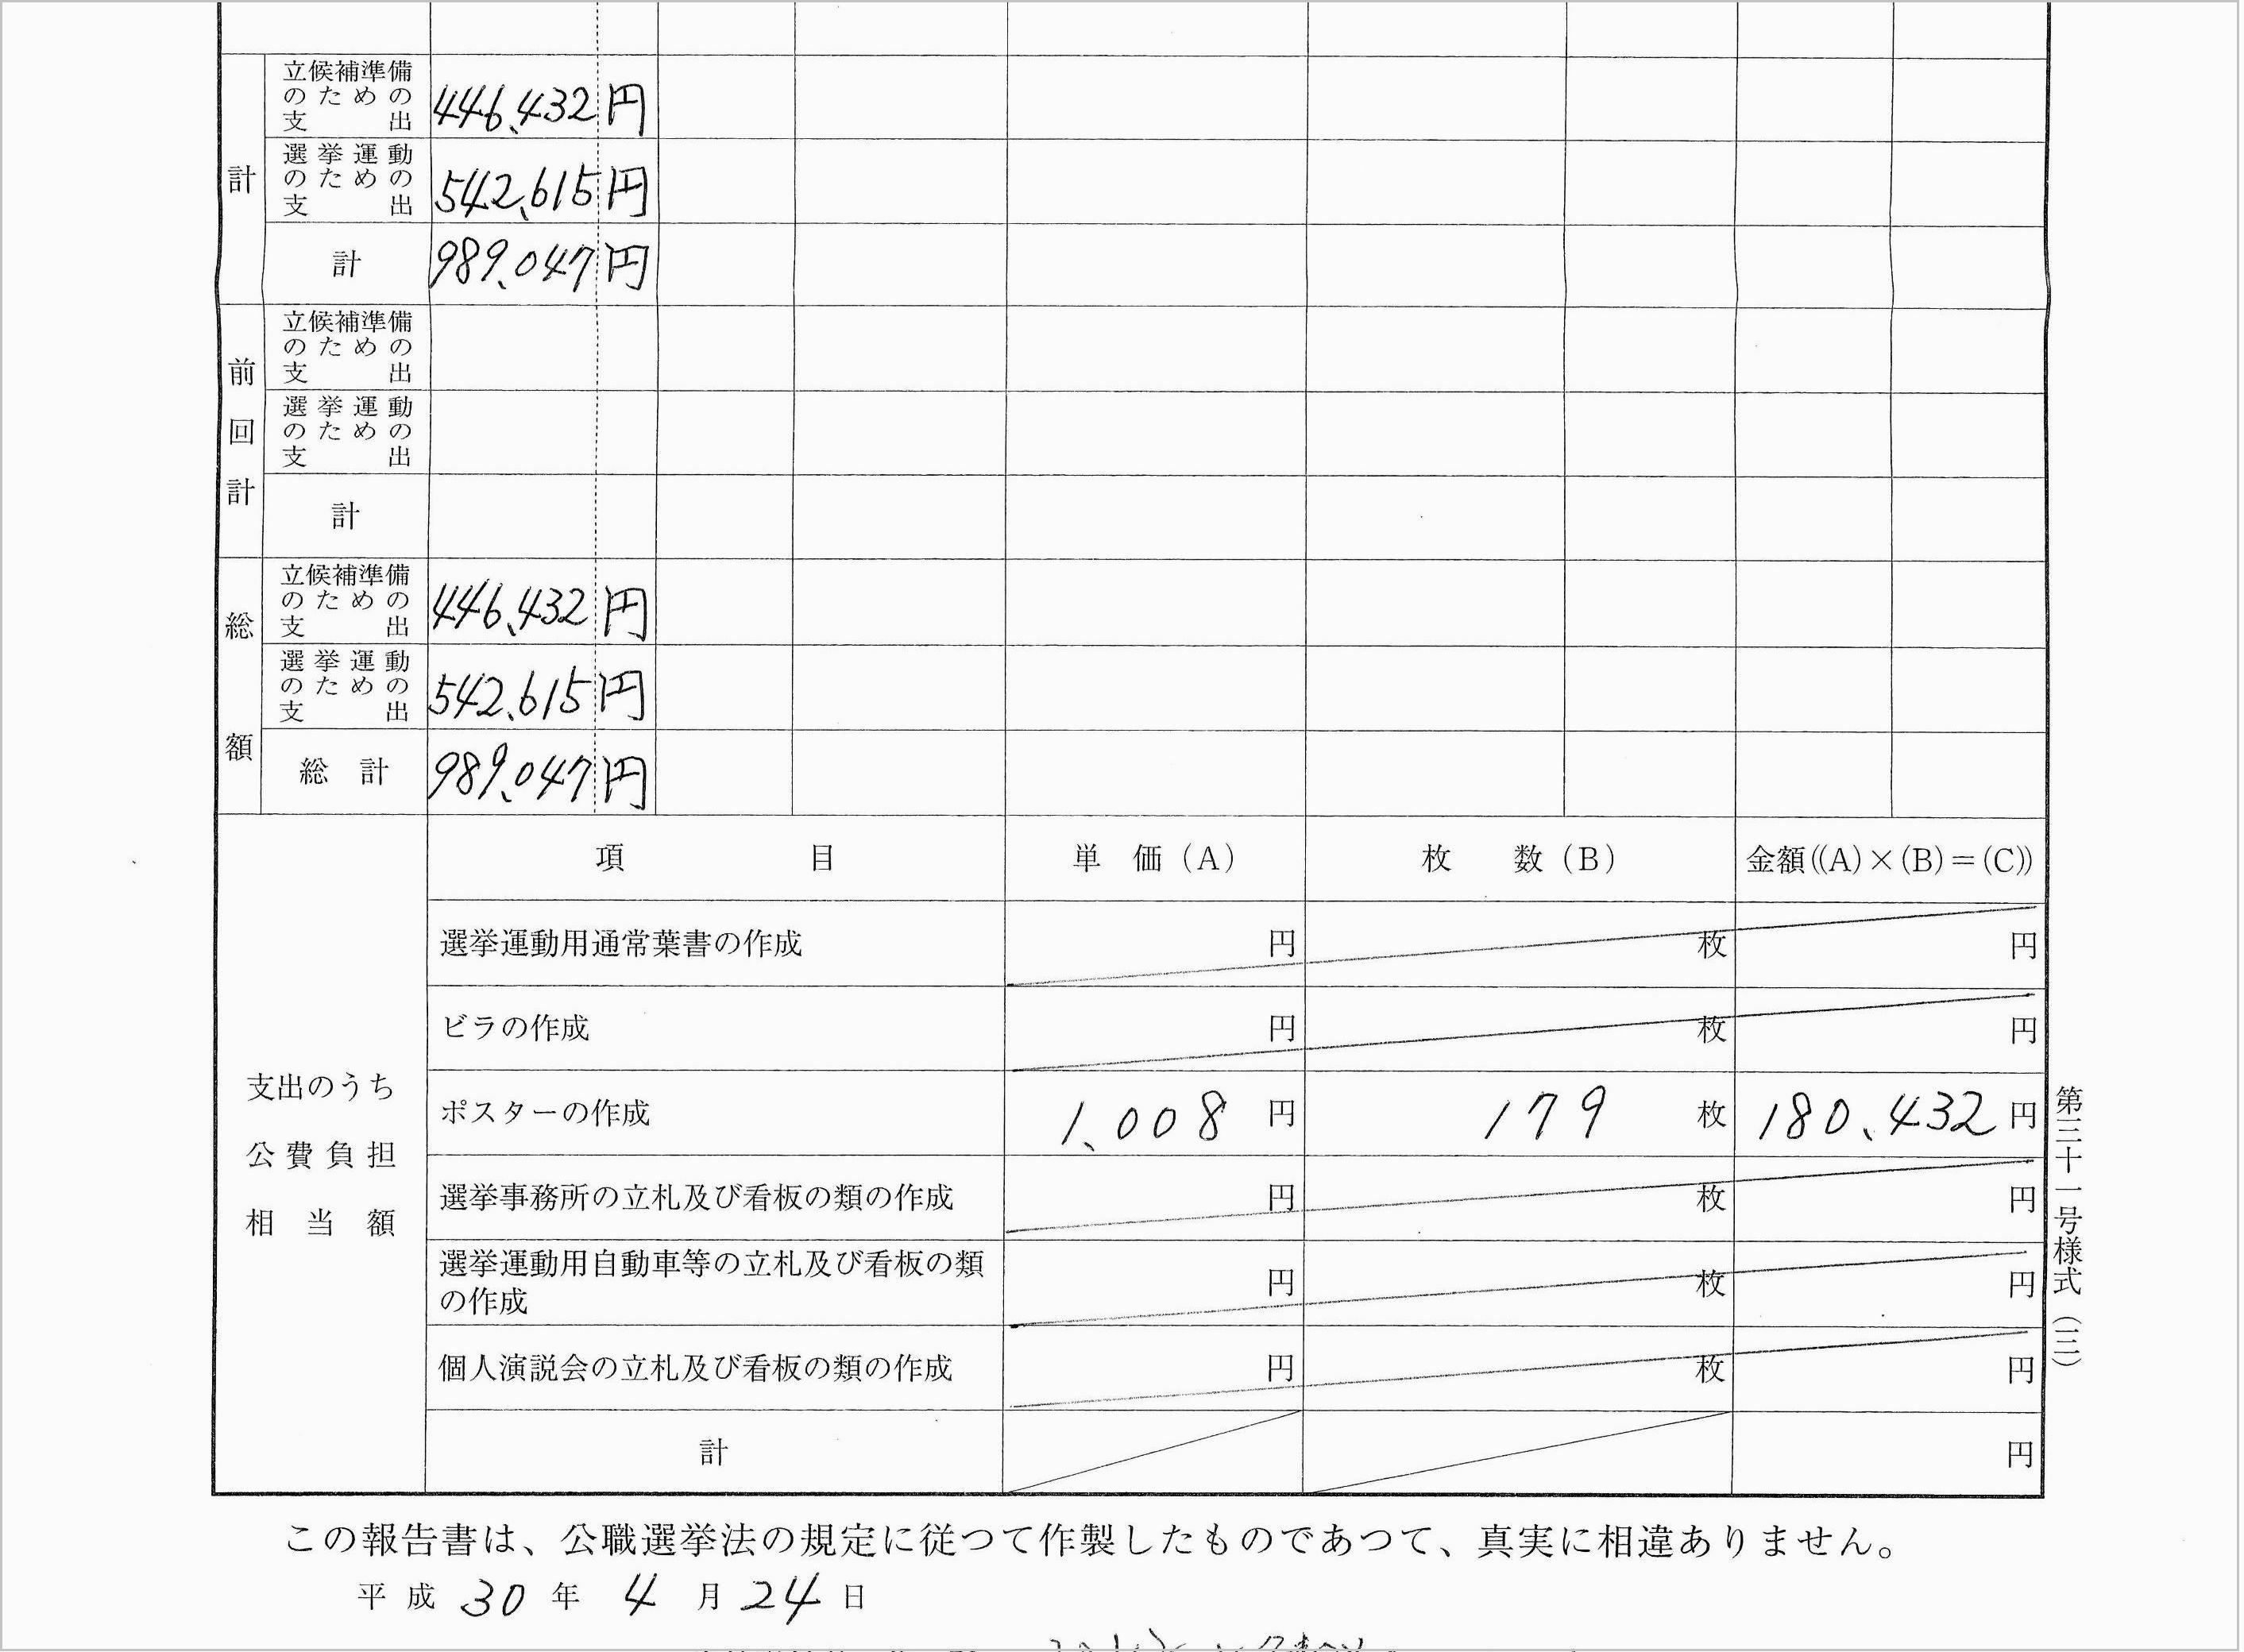 http://hunter-investigate.jp/news/20190107_03%20%28002%29.jpg